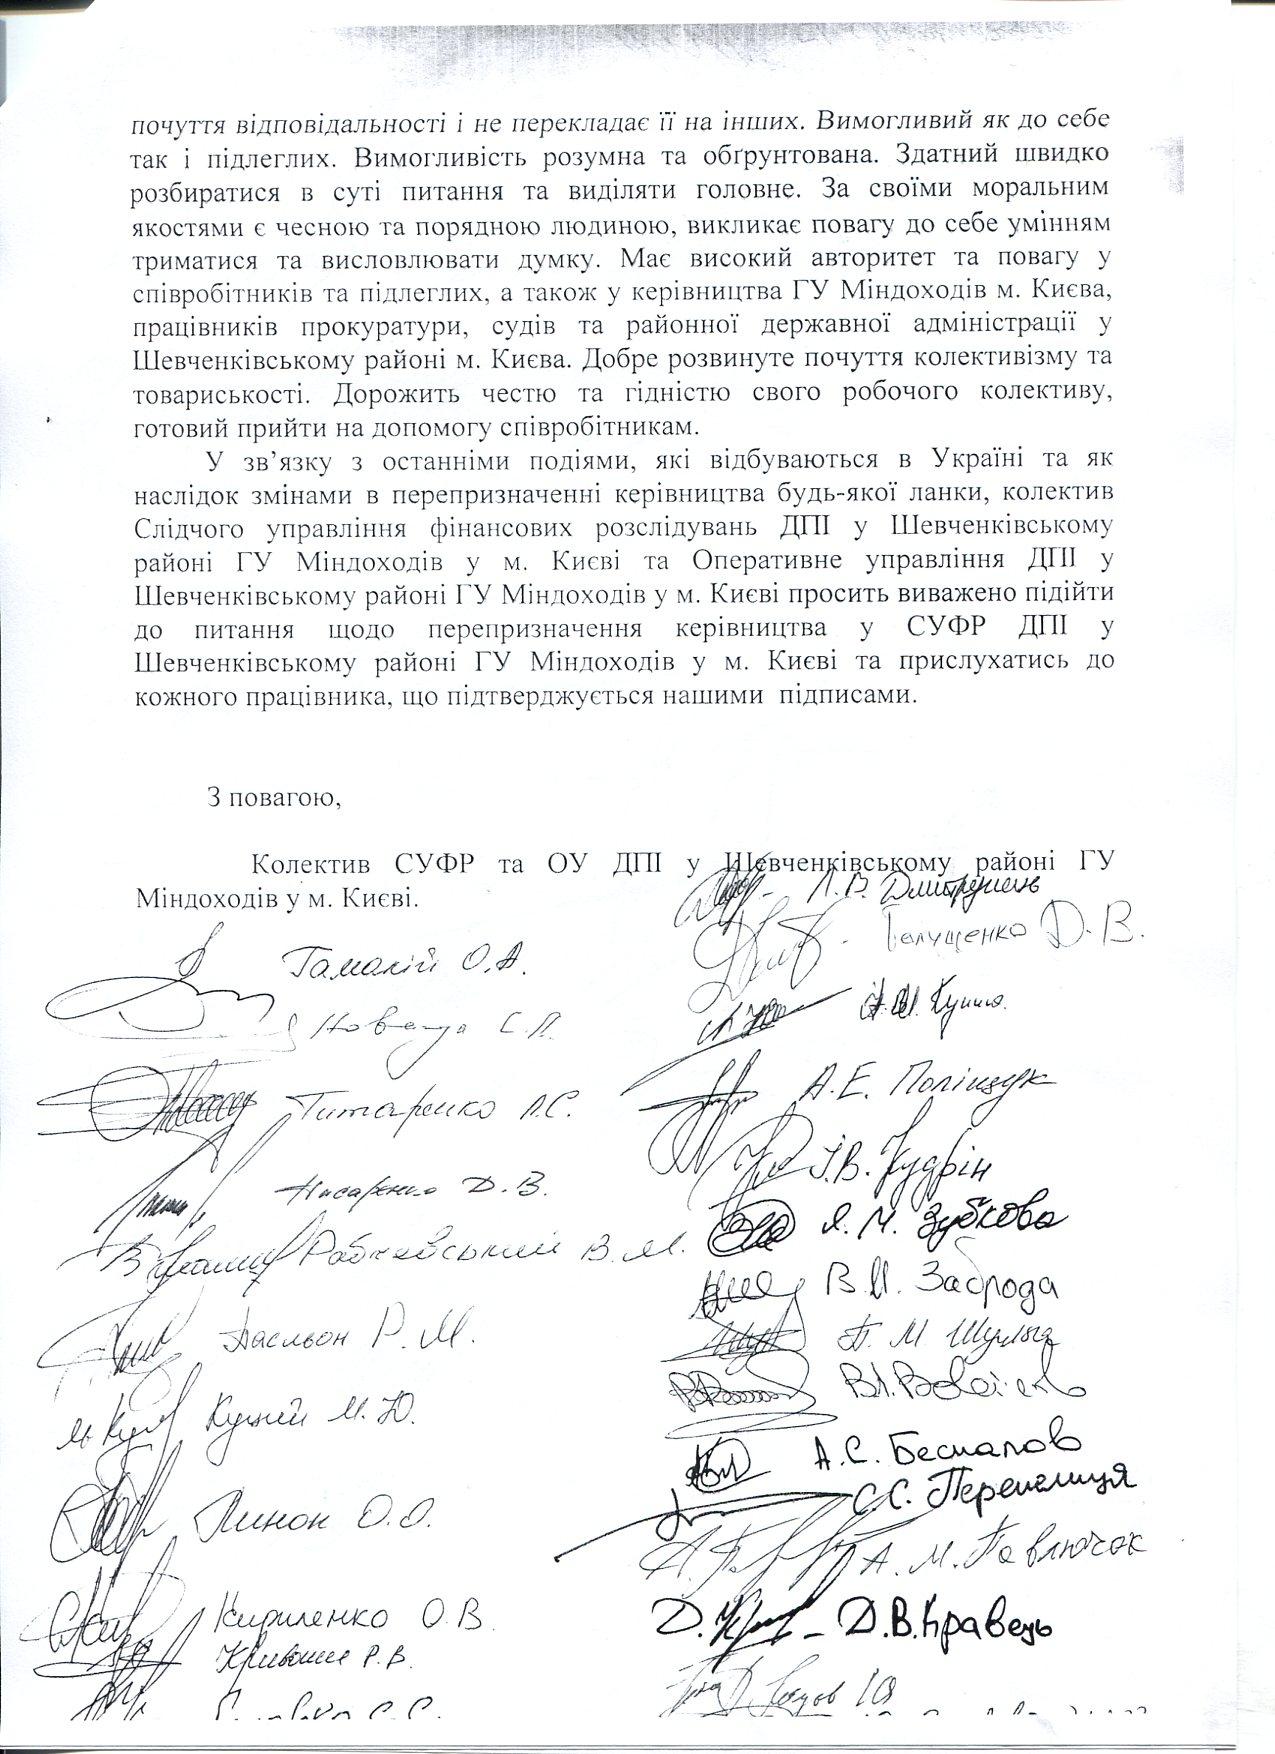 Пресс-релиз: Письмо коллектива ГНИ Шевченковского района Киева